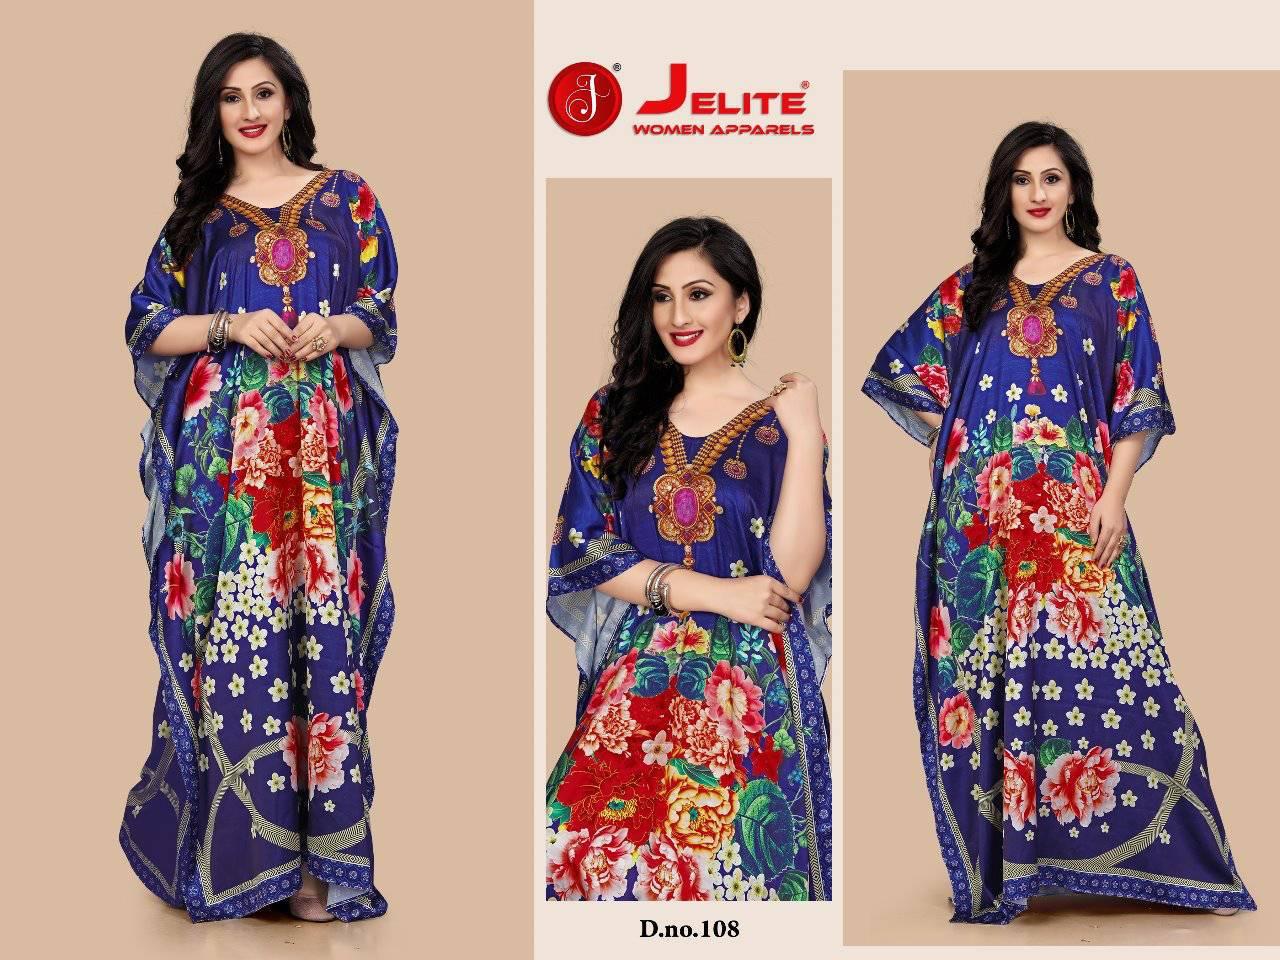 Jelite Kaftans Vol 1 Kurti Wholesale Catalog 8 Pcs 1 - Jelite Kaftans Vol 1 Kurti Wholesale Catalog 8 Pcs